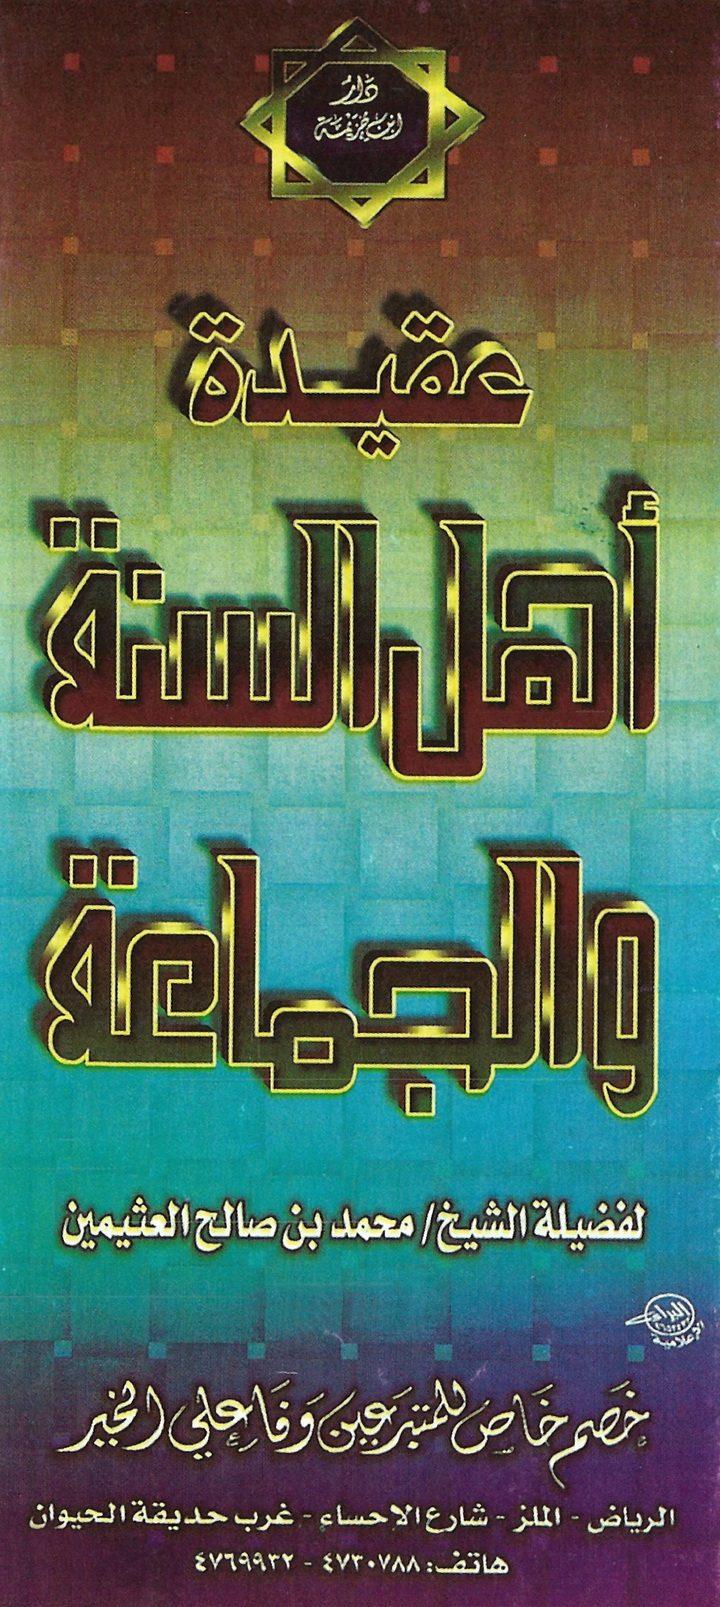 عقيدة أهل السنّة والجماعة (محمد بن صالح العثيمين – دار ابن خزيمة)